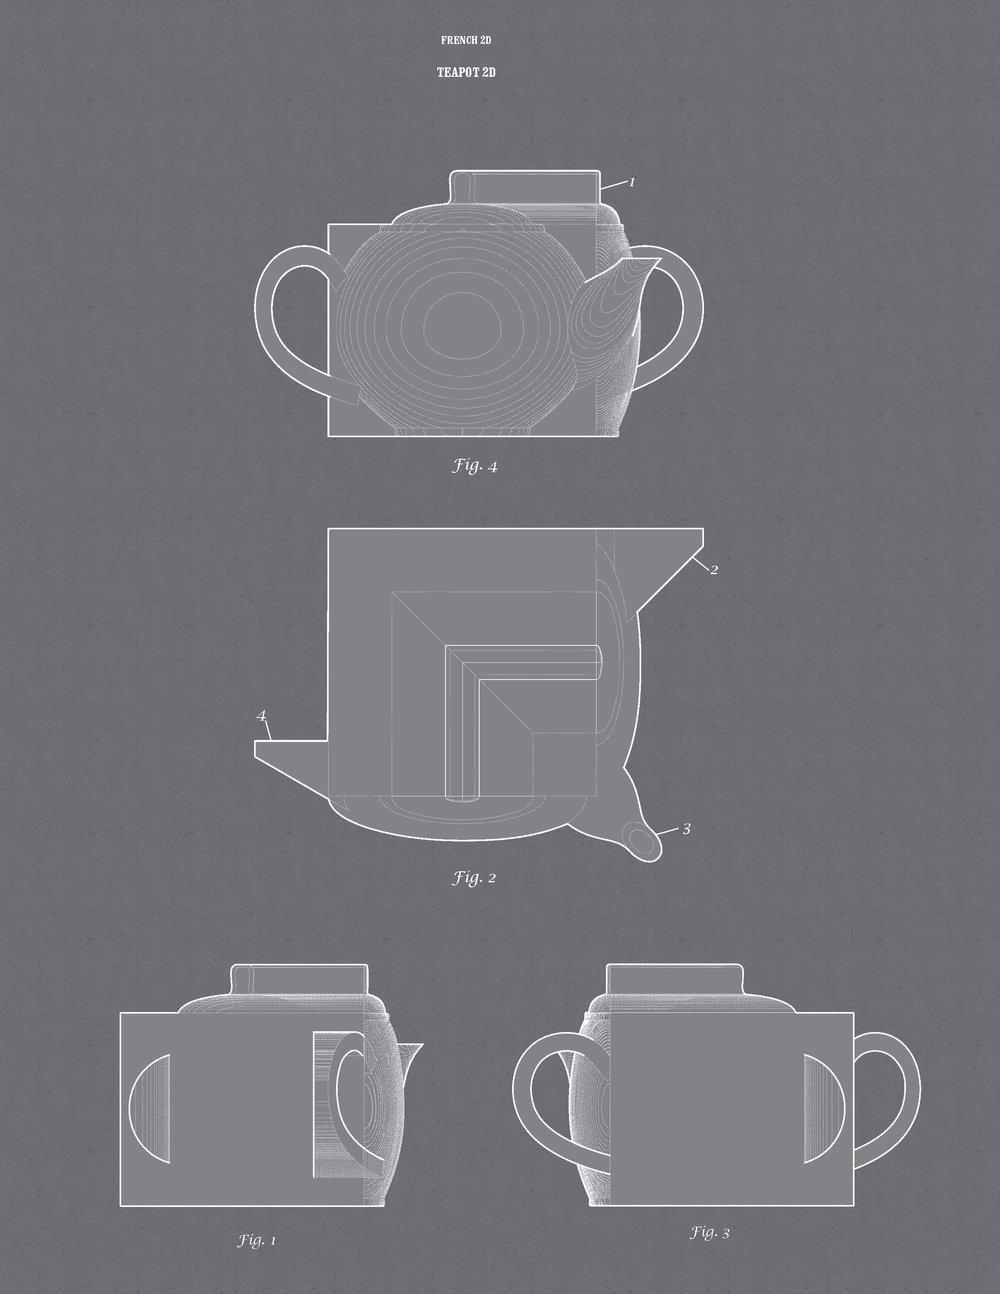 teapot 2d patent blue grey CONCRETE_Page_1.jpg